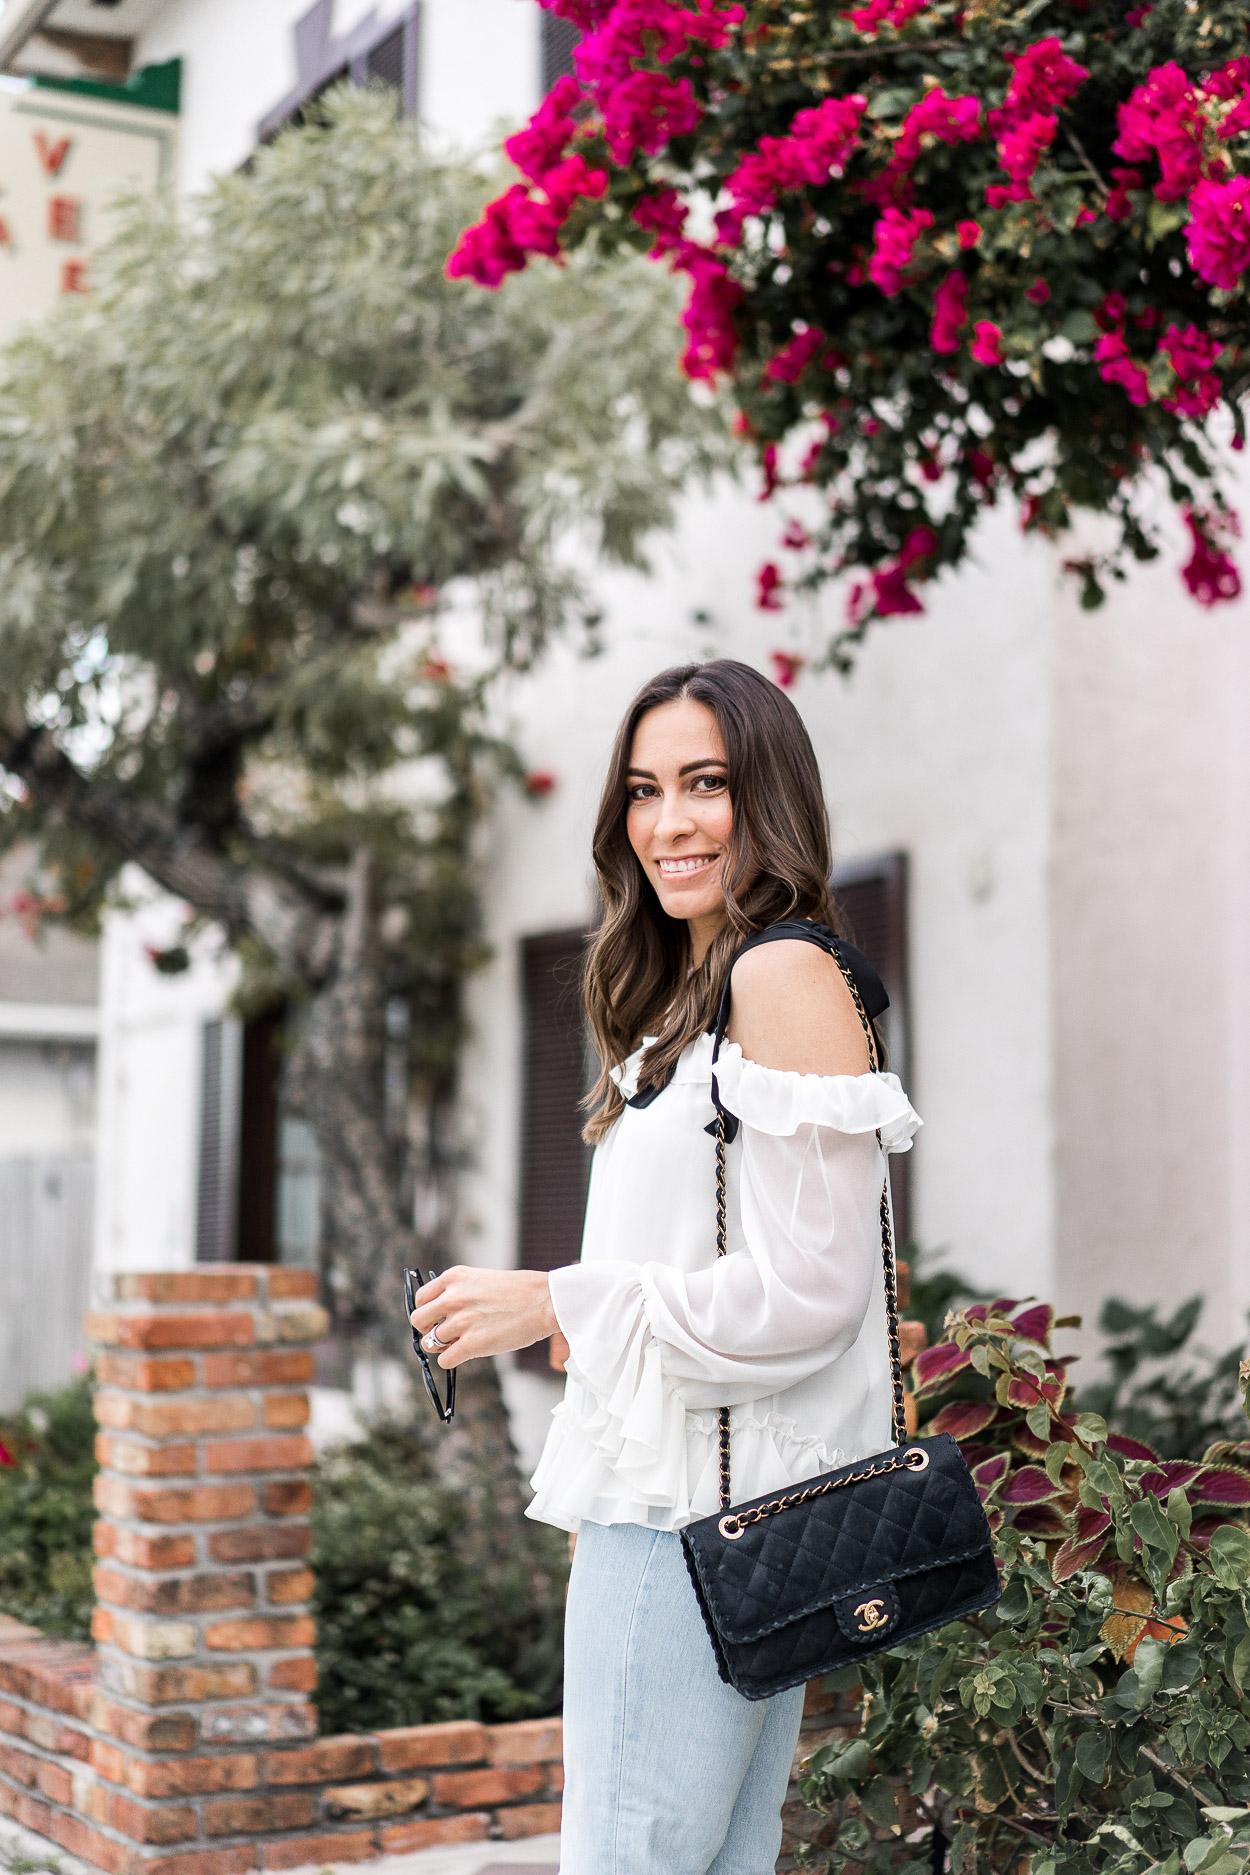 Cece feminine ruffle blouse styled by fashion blogger Amanda of A Glam Lifestyle